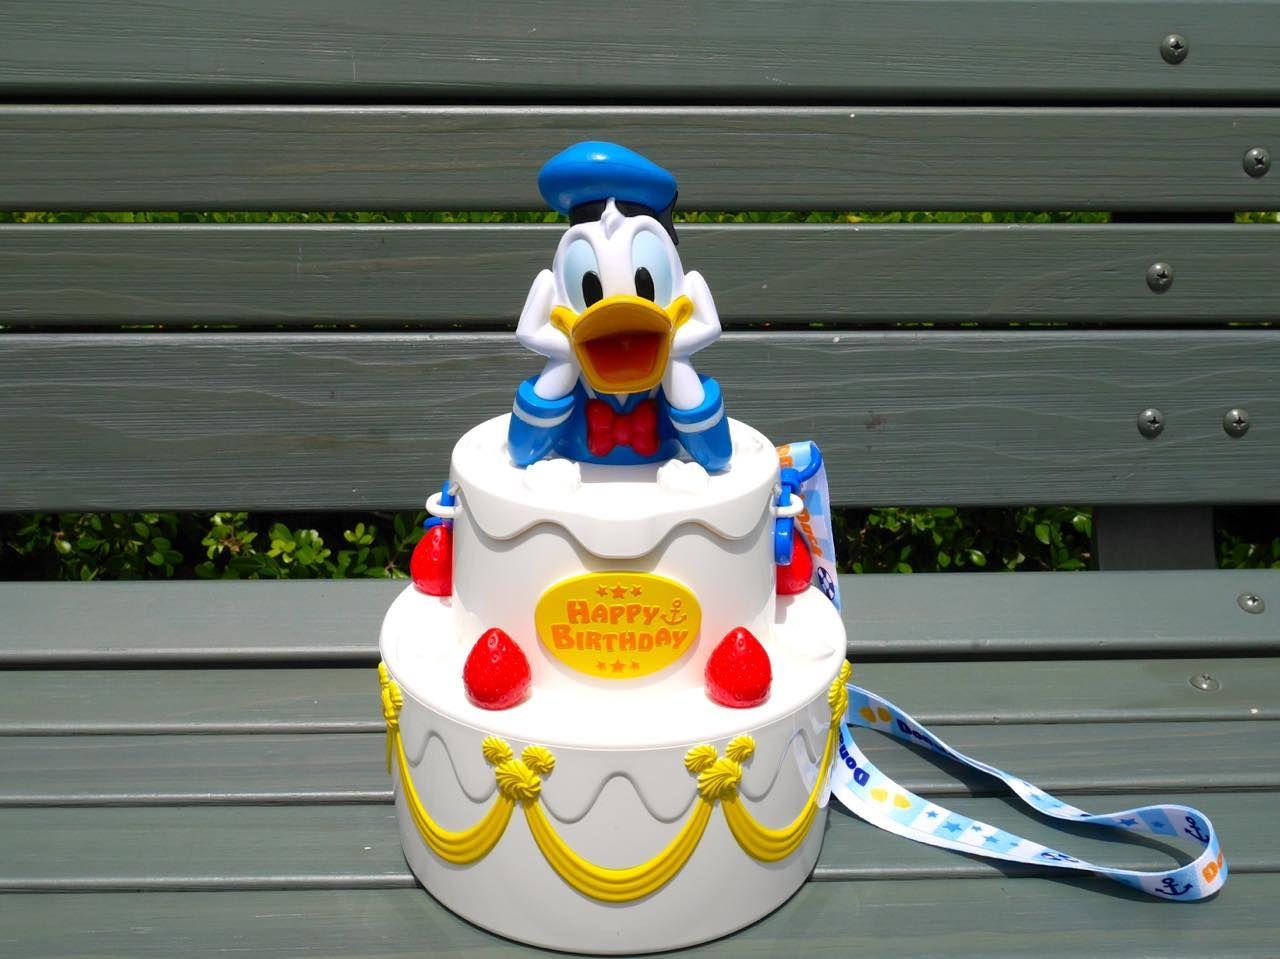 ドナルドの誕生日を祝おう!東京ディズニーリゾート初の特別プログラム開催